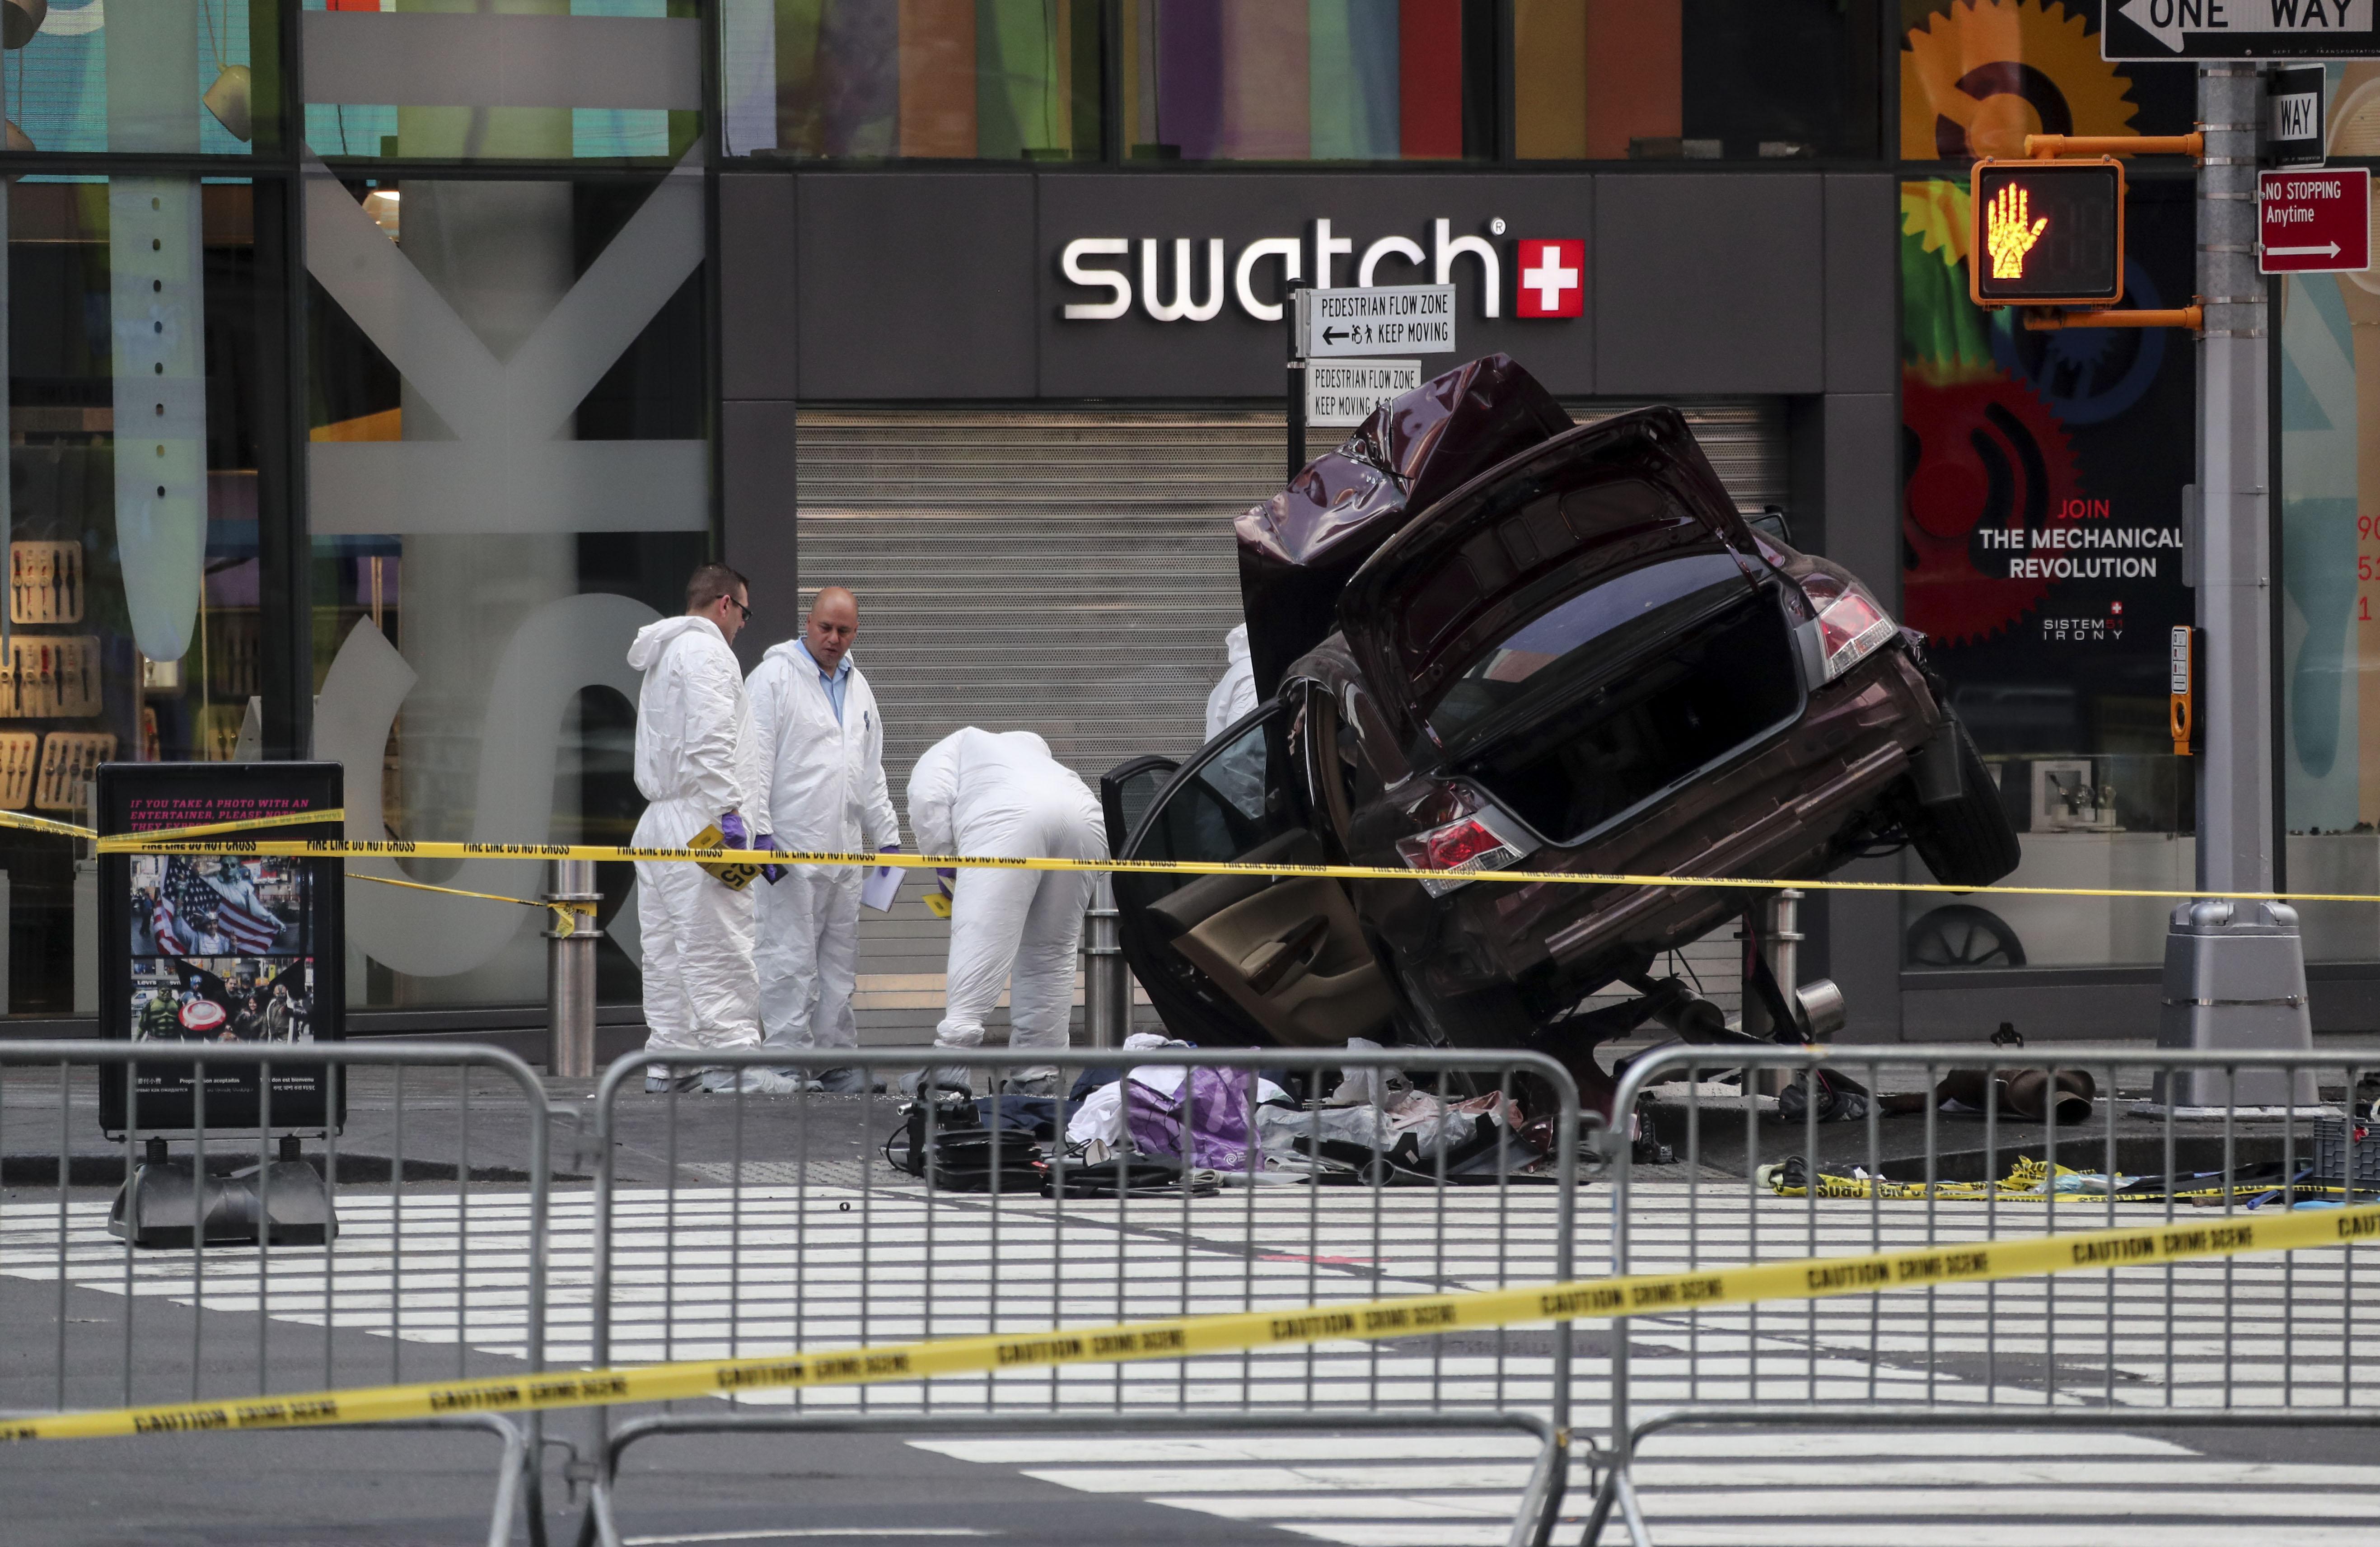 Врязалият се в пешеходци с кола в Ню Йорк обвинен в убийство